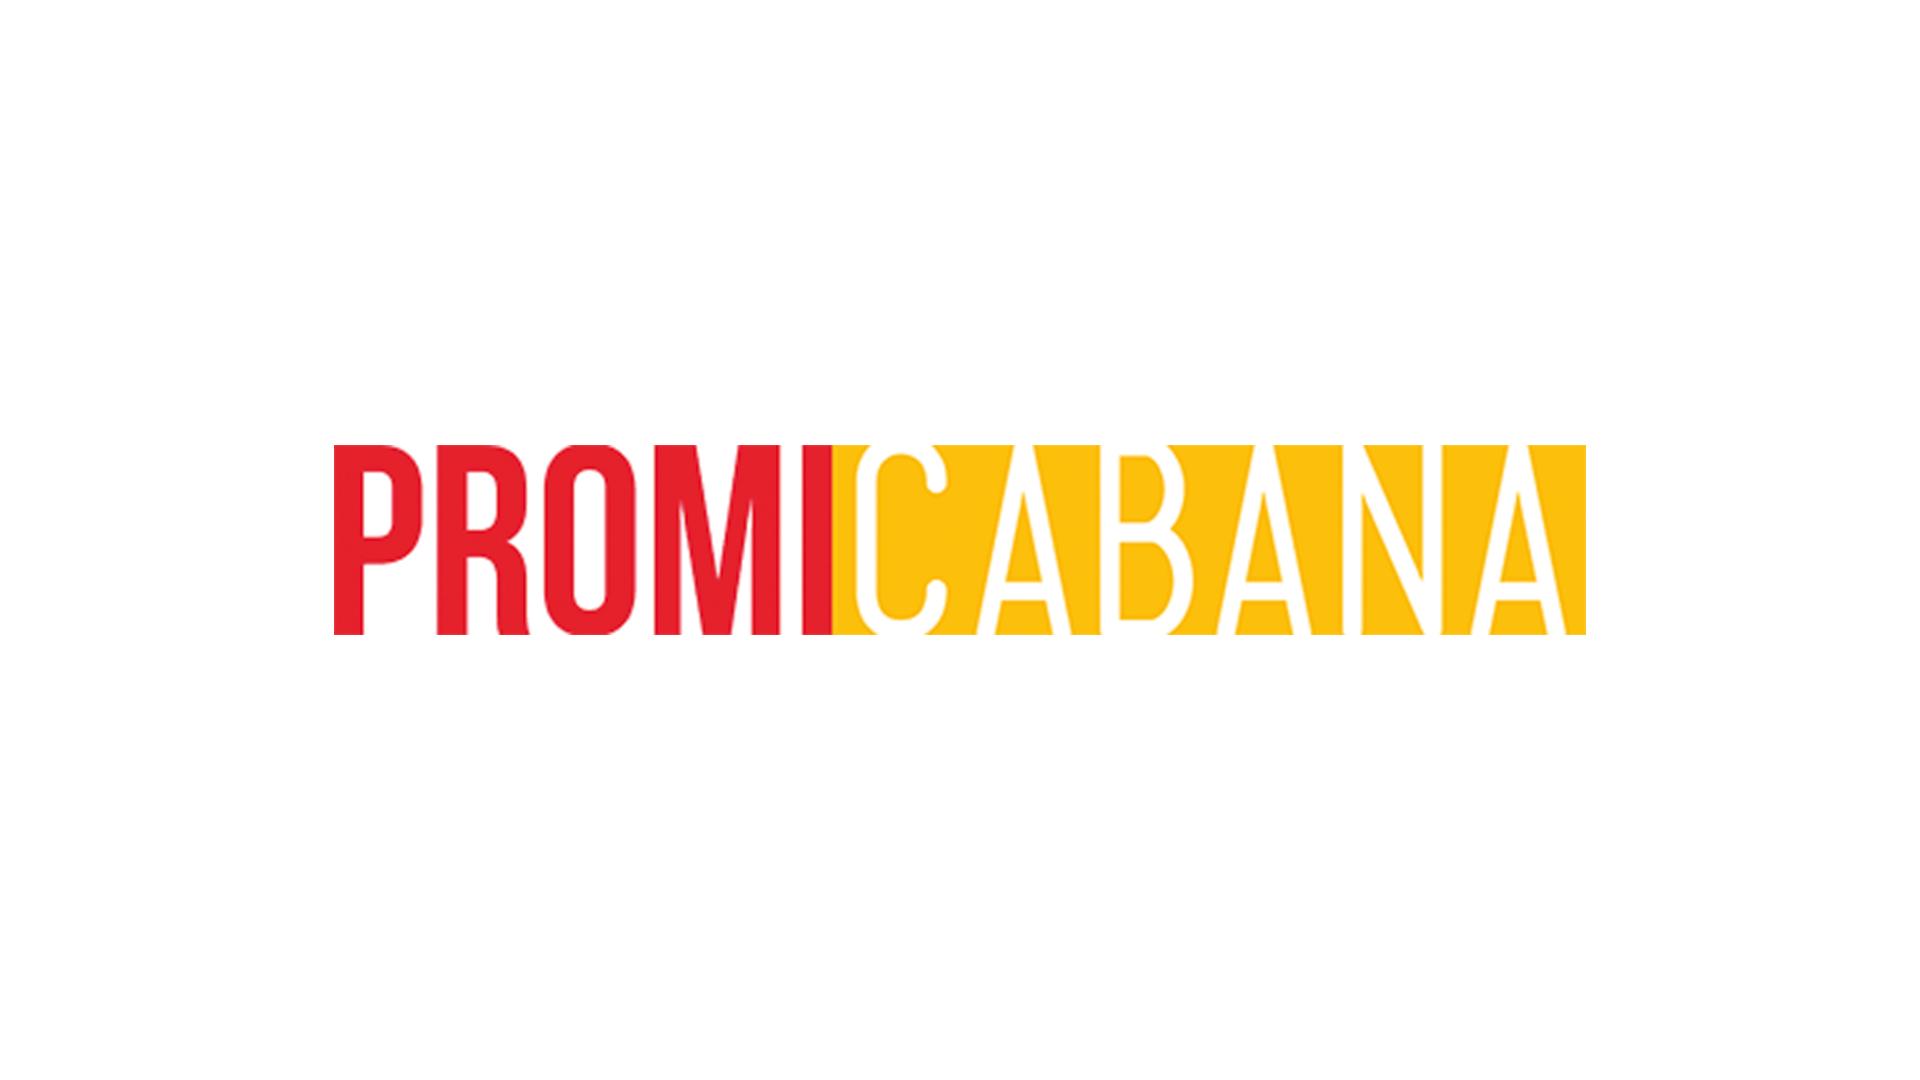 Josh-McDermitt-The-Walking-Dead-Attraktion